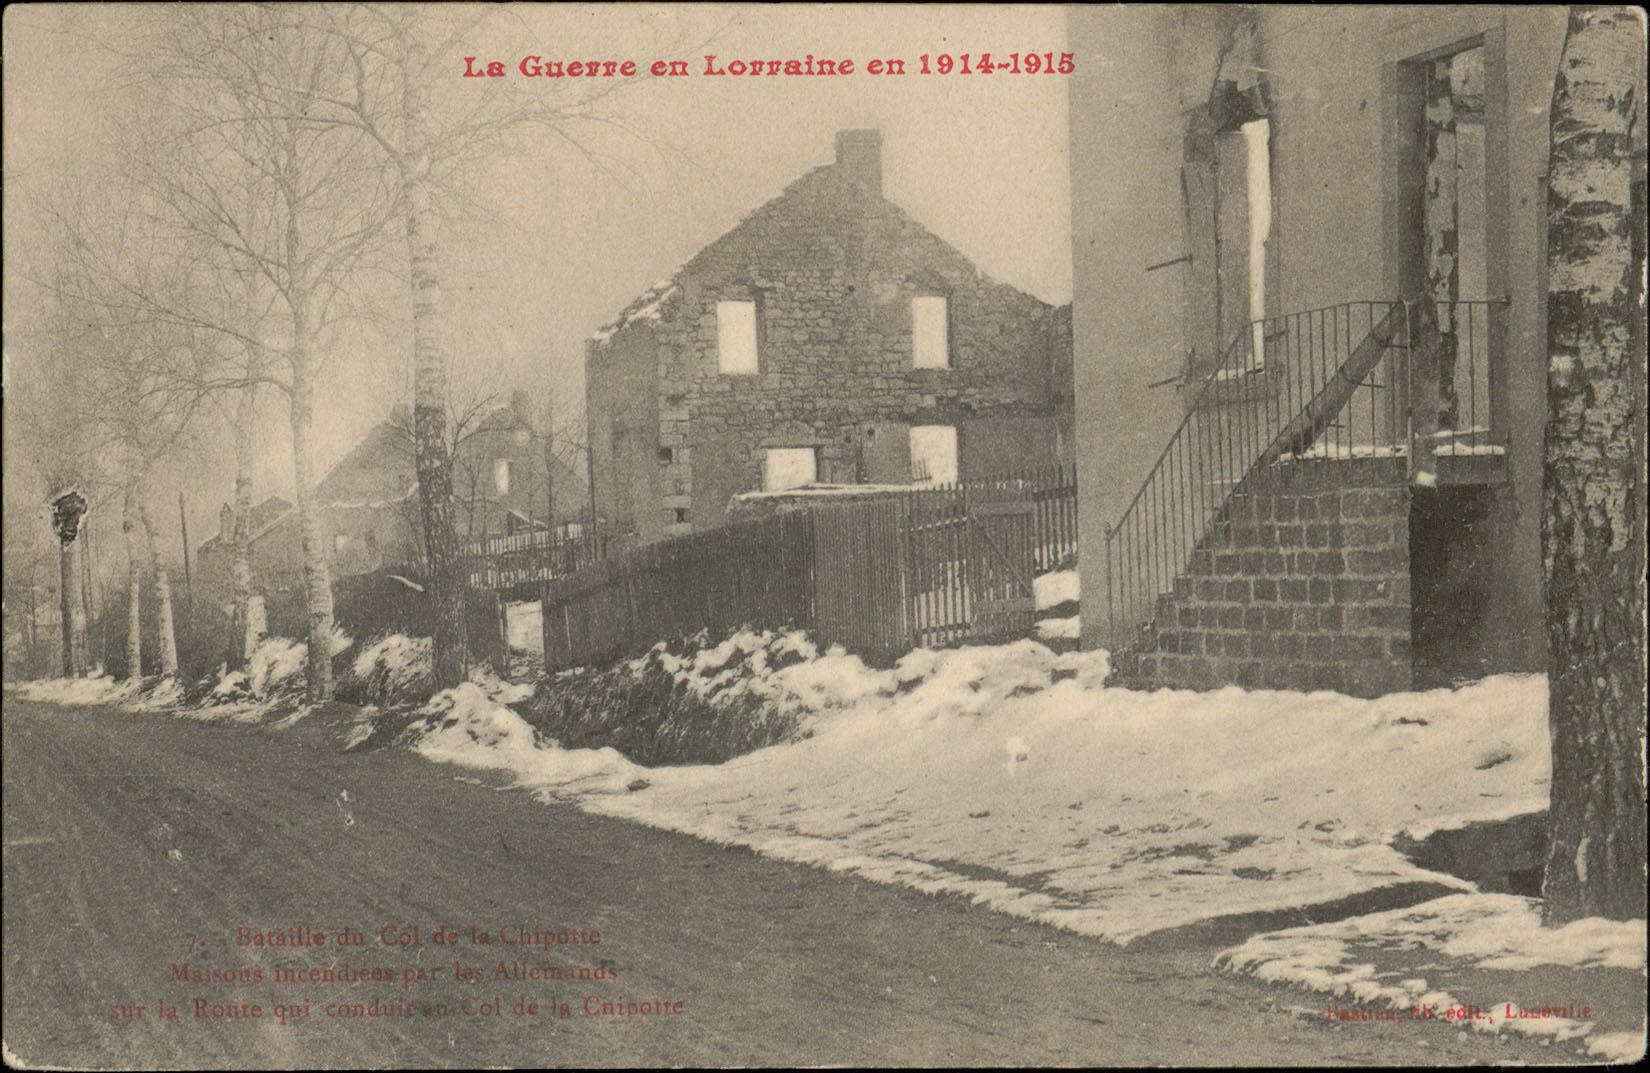 Contenu du Bataille du Col de la Chipotte, Maison incendiées par les Allemands sur la Route qui conduit au Col de la Chipotte